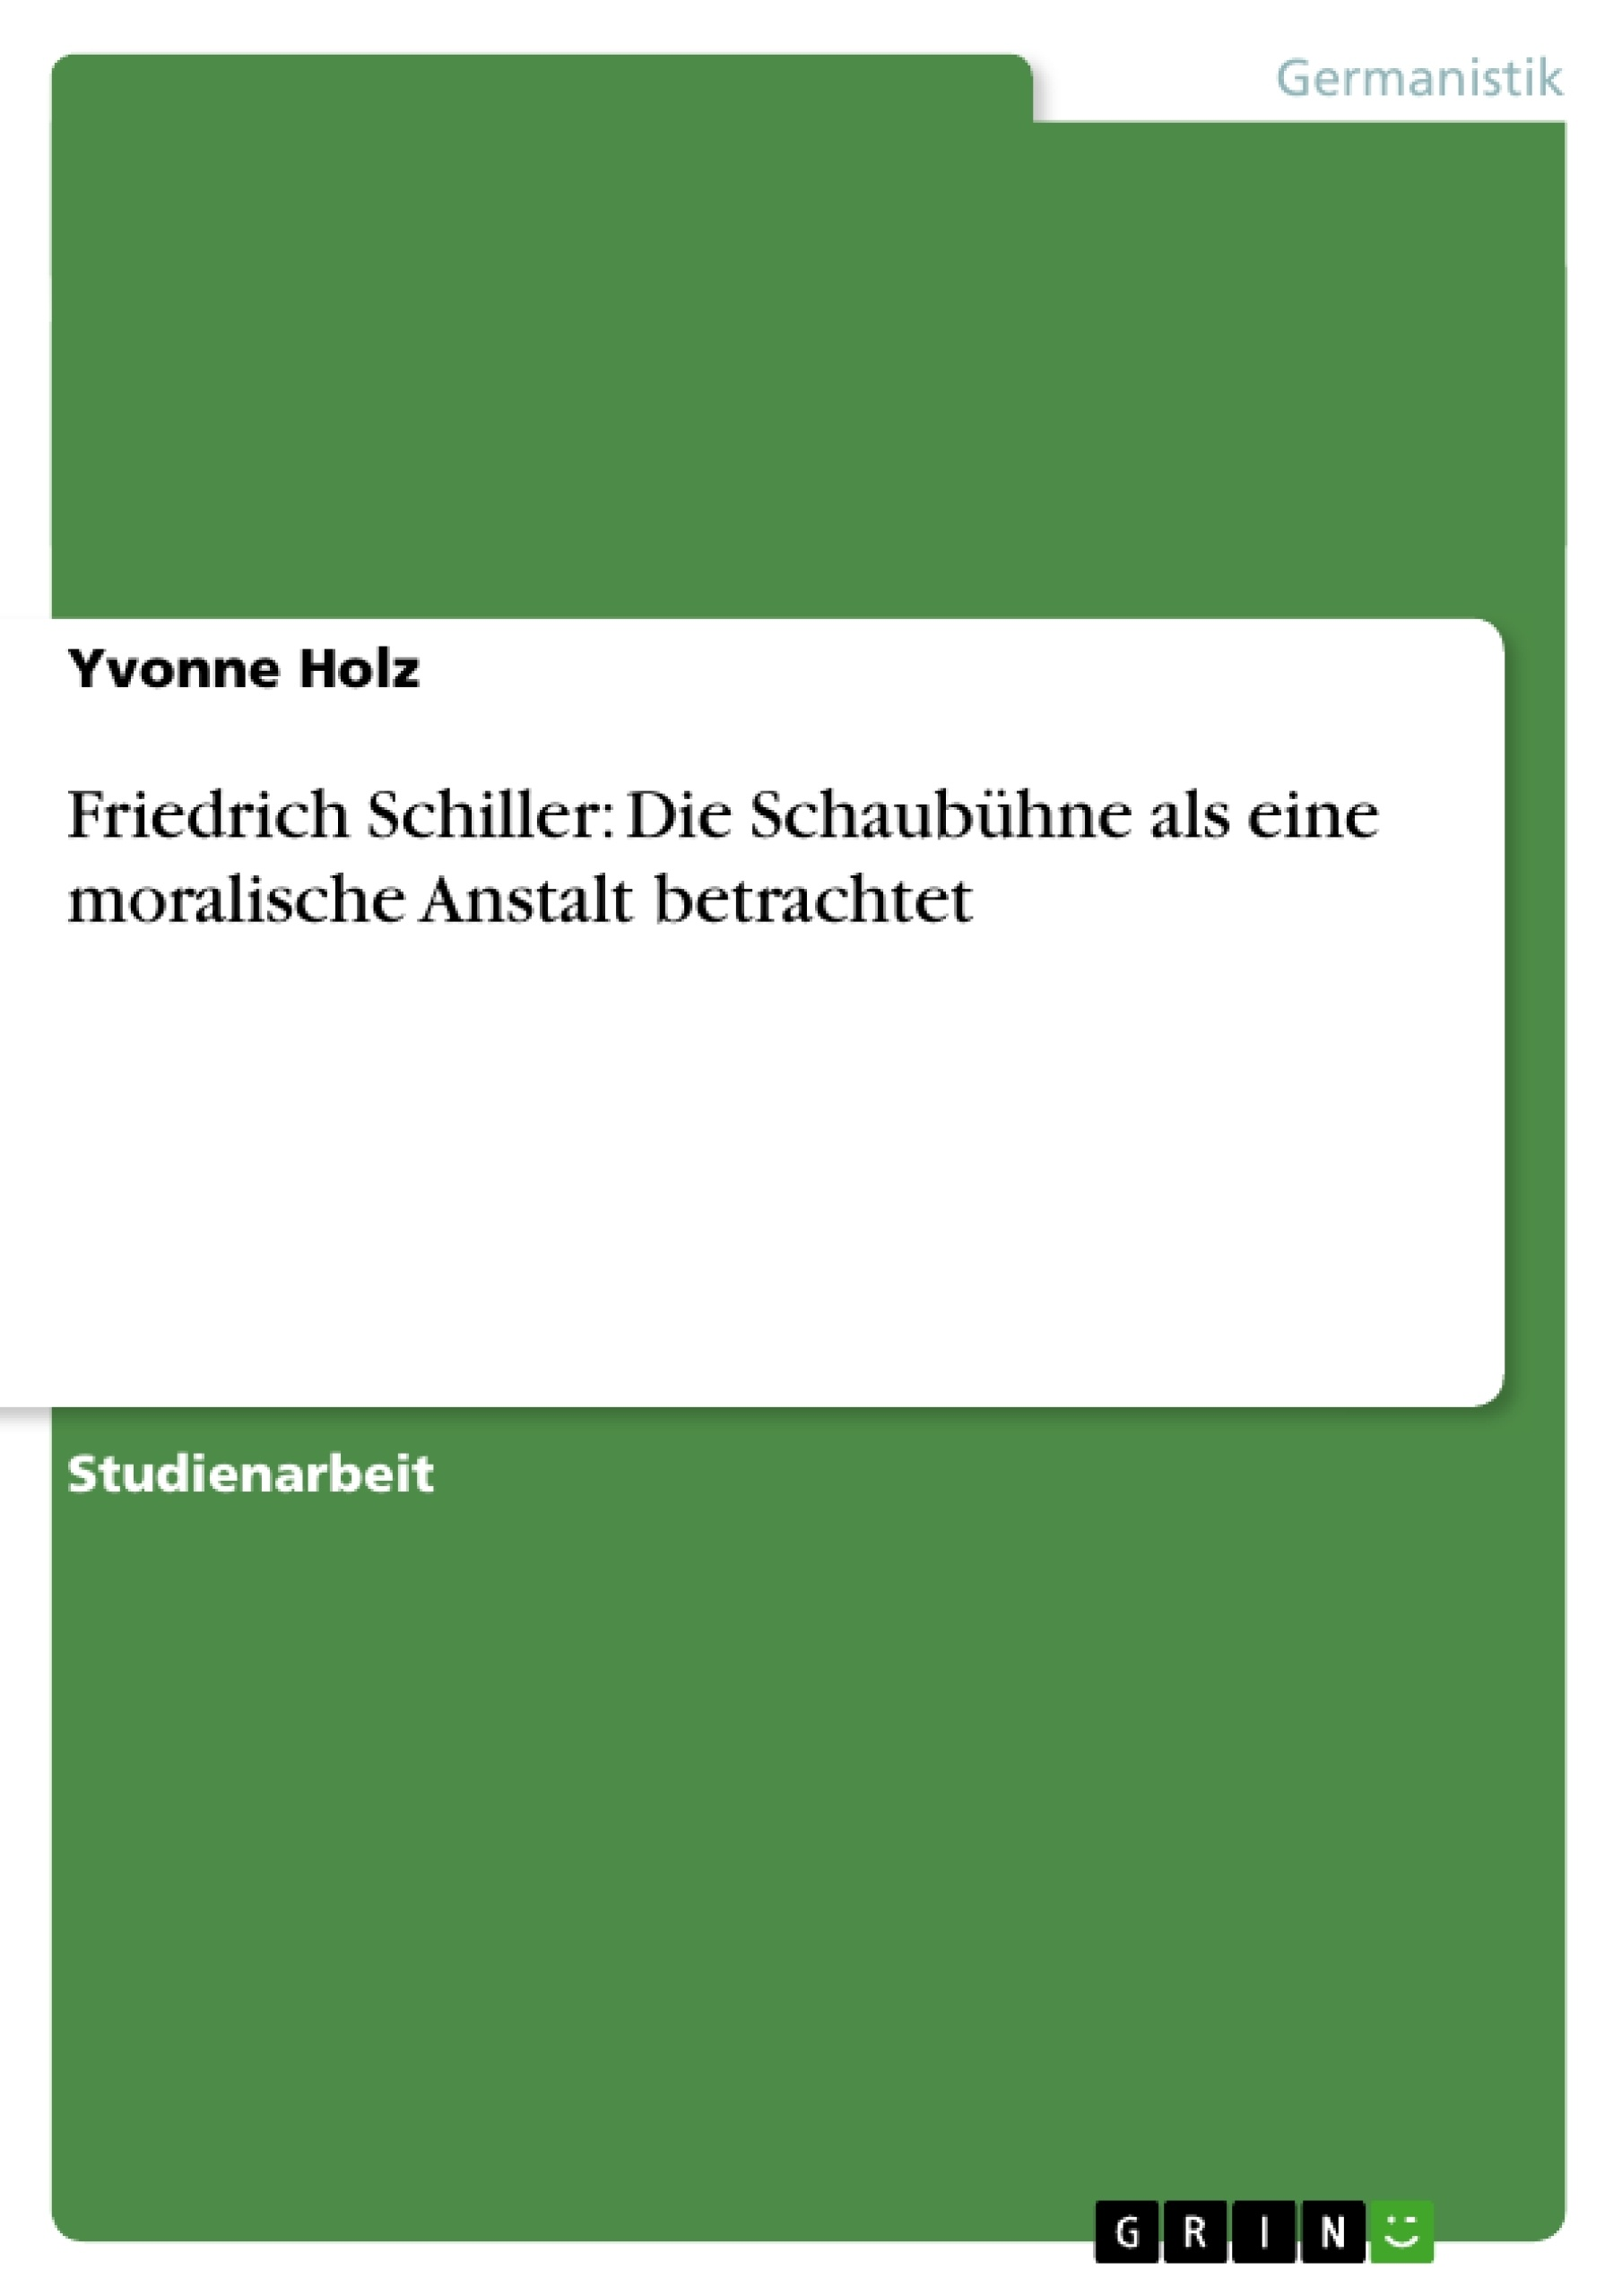 Titel: Friedrich Schiller: Die Schaubühne als eine moralische Anstalt betrachtet